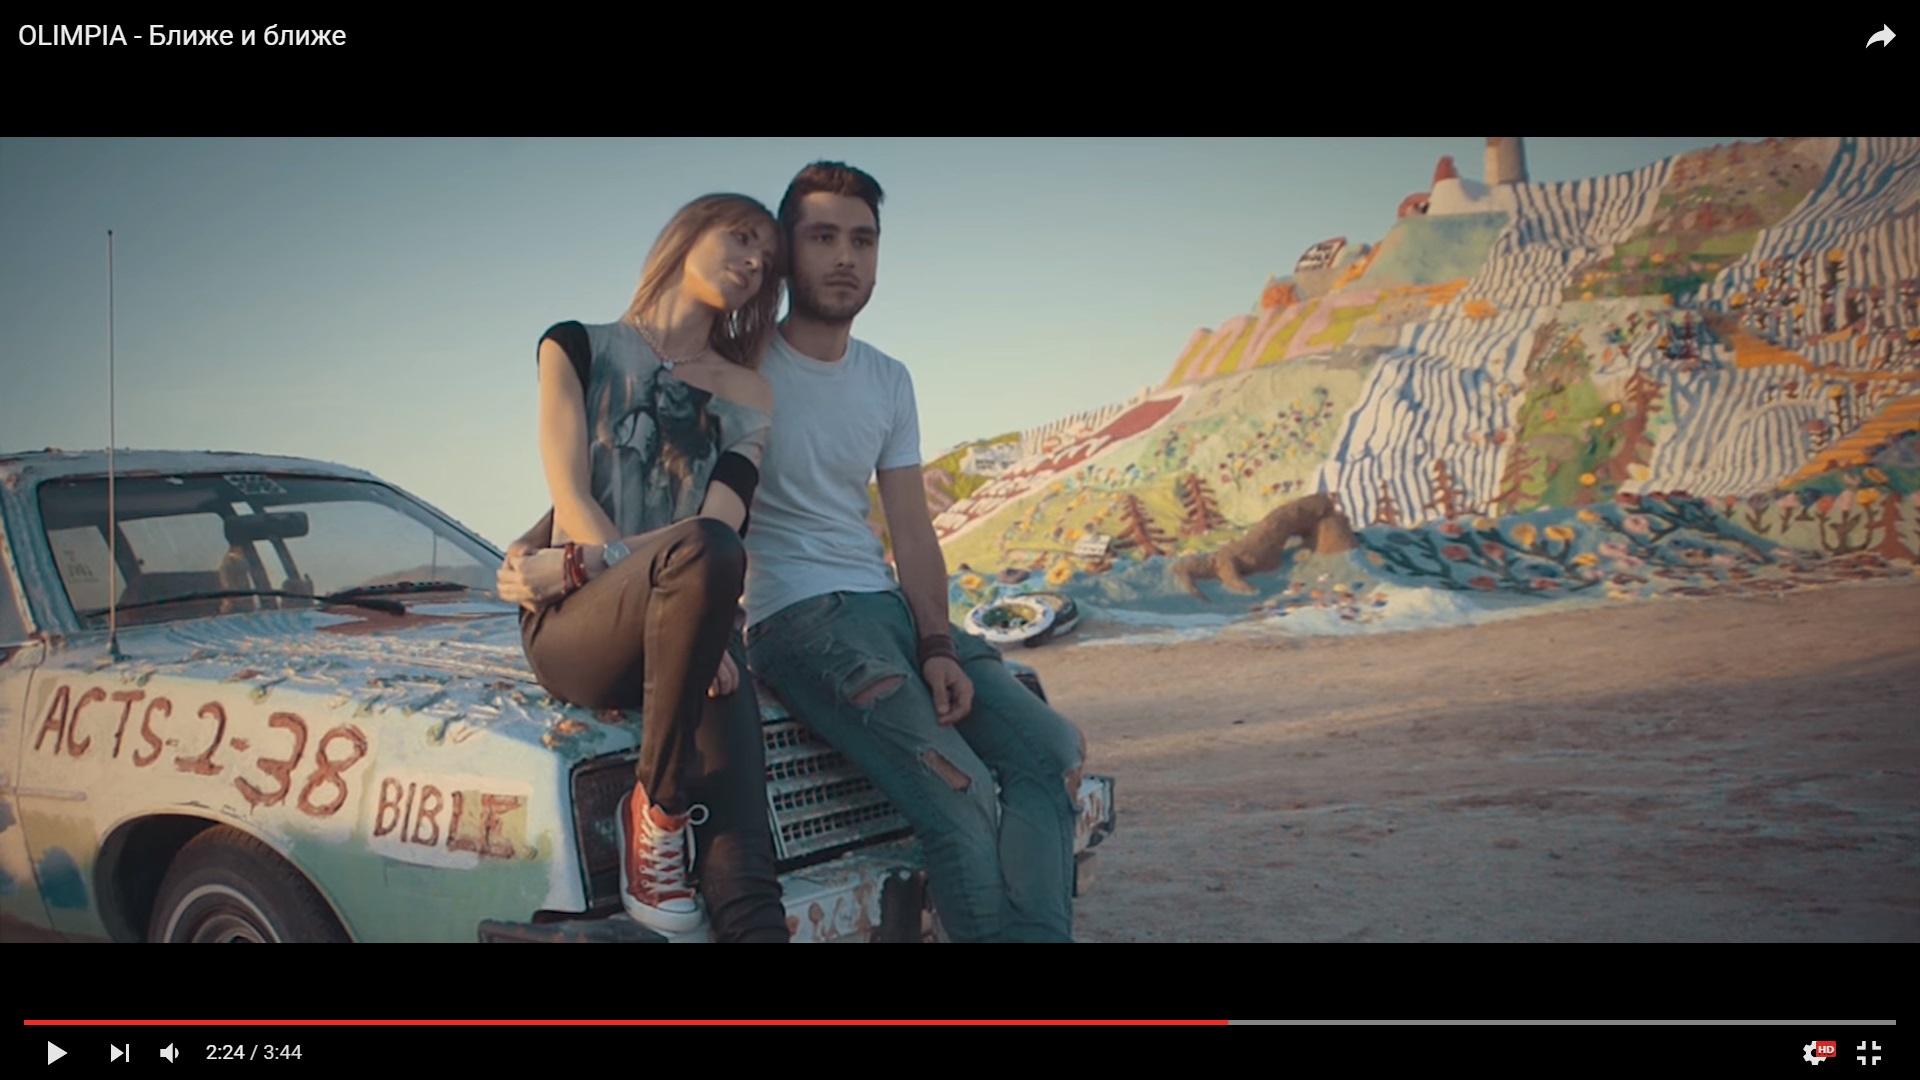 Группа Olimpia представила клип на песню Ближе и Ближе